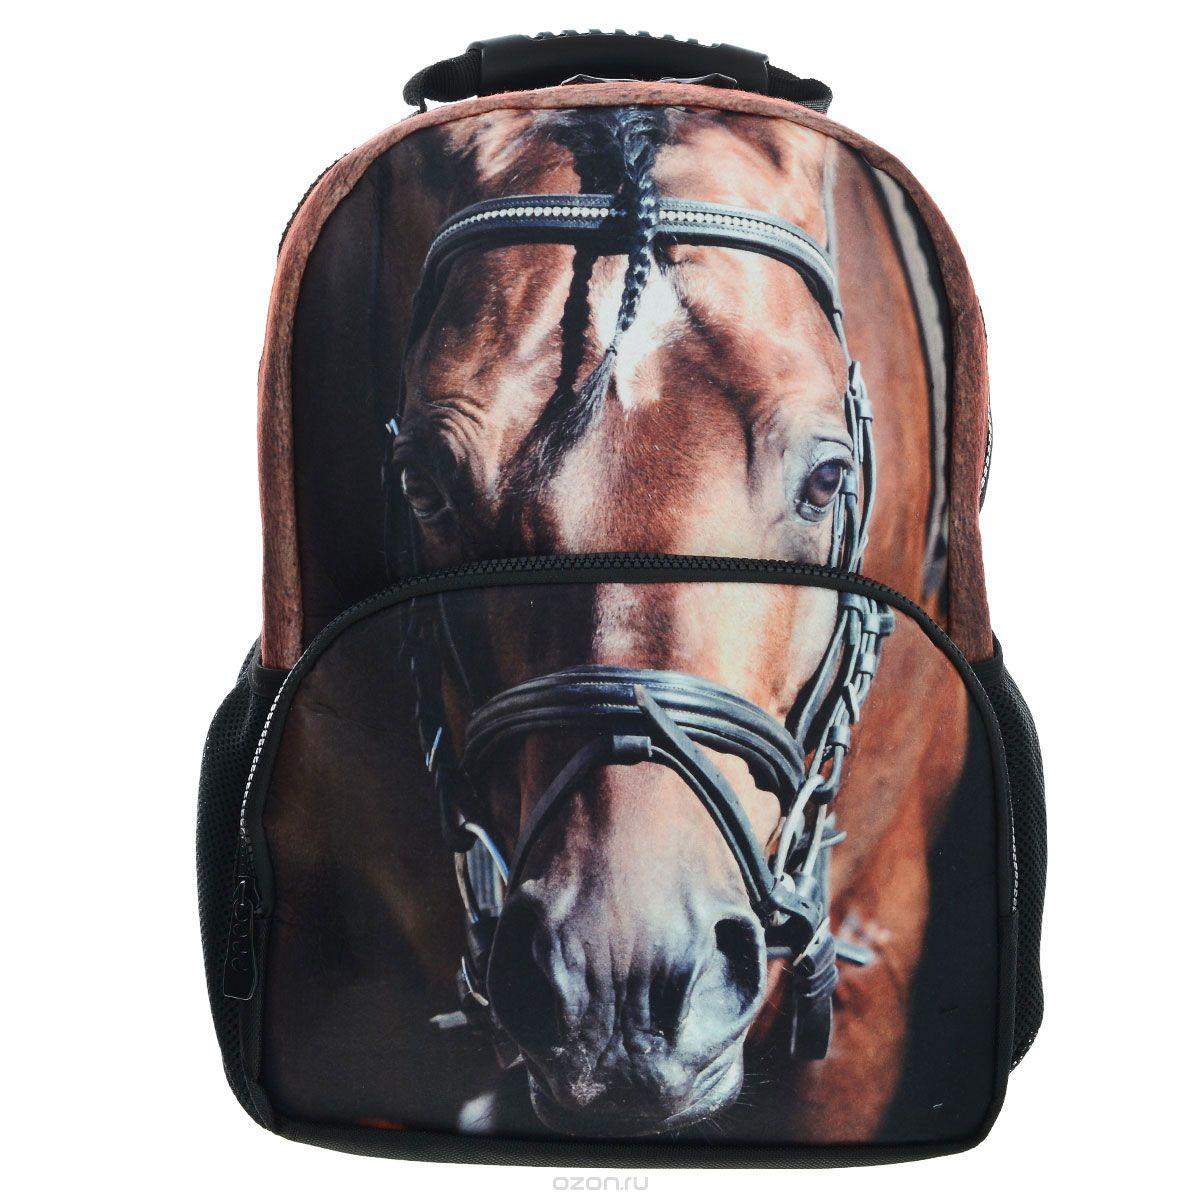 Рюкзак школьный Trend Line Horse, цвет: черный. NR_00058NR_00058Стильный школьный рюкзак Trend Line выполнен из полиэстера, дополнен вставкой из флиса, которая оформлена художественной печатью с изображением Horse. Рюкзак имеет одно основное отделение, закрывающееся на застежку-молнию. Снаружи, на лицевой стороне, рюкзака размещен накладной карман на молнии, внутри которого предусмотрен еще один накладной карман на липучке. С двух сторон изделия расположены два накладных сетчатых кармашка. В верхней части изделия предусмотрена эргономичная ручка для переноски, а также предусмотрены регулируемые лямки.Такой рюкзак станет незаменимым спутником вашего ребенка в походах за знаниями.